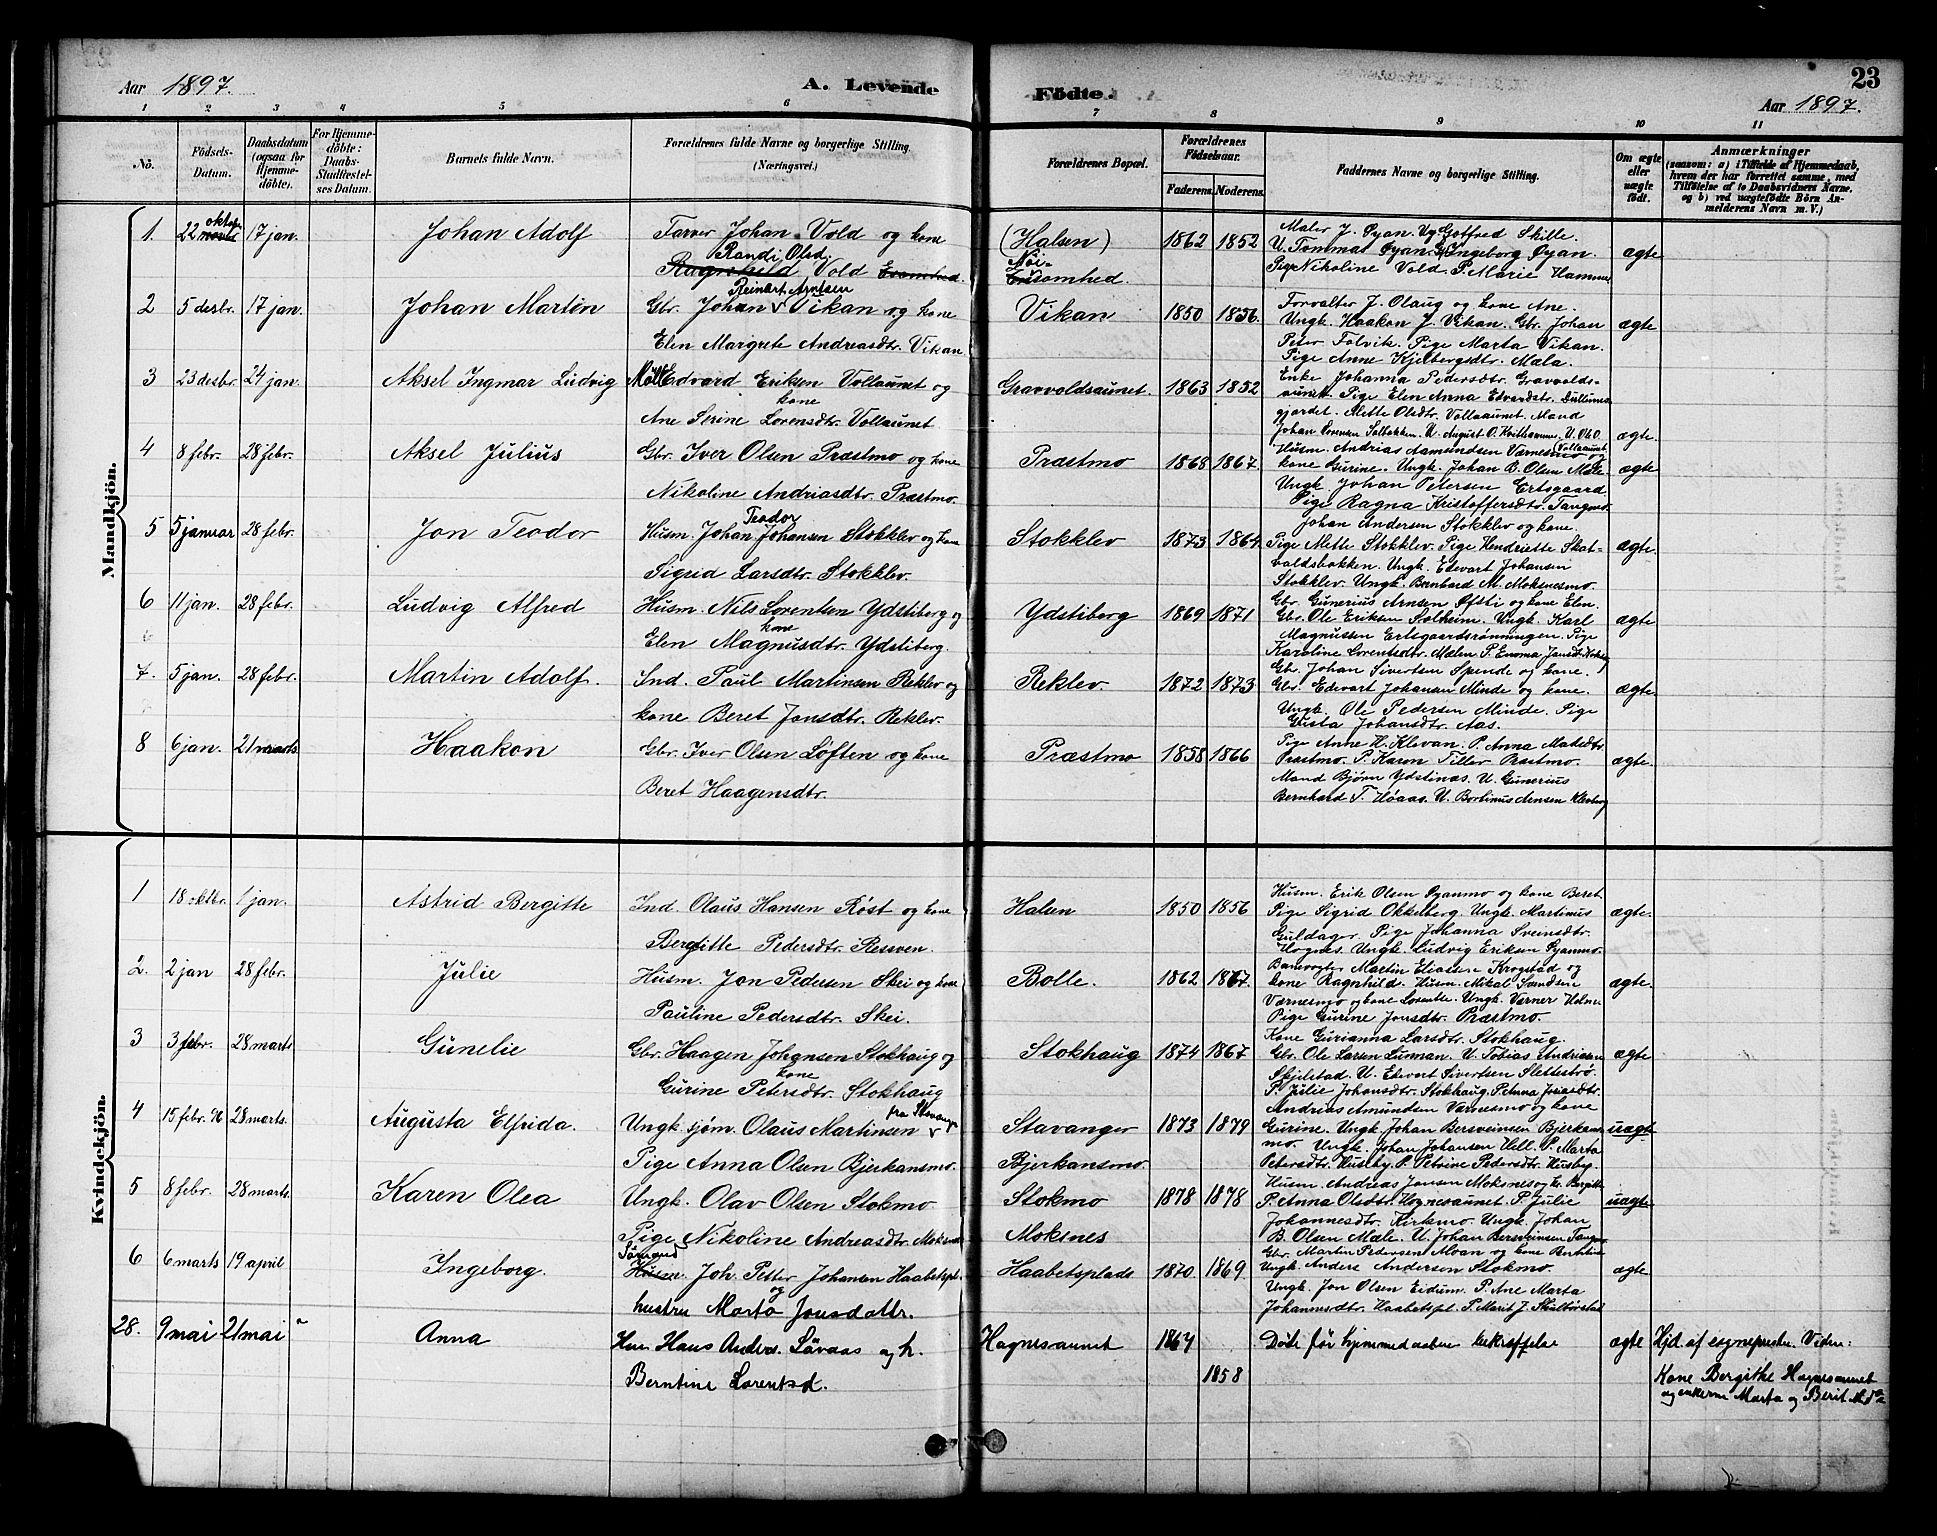 SAT, Ministerialprotokoller, klokkerbøker og fødselsregistre - Nord-Trøndelag, 709/L0087: Klokkerbok nr. 709C01, 1892-1913, s. 23